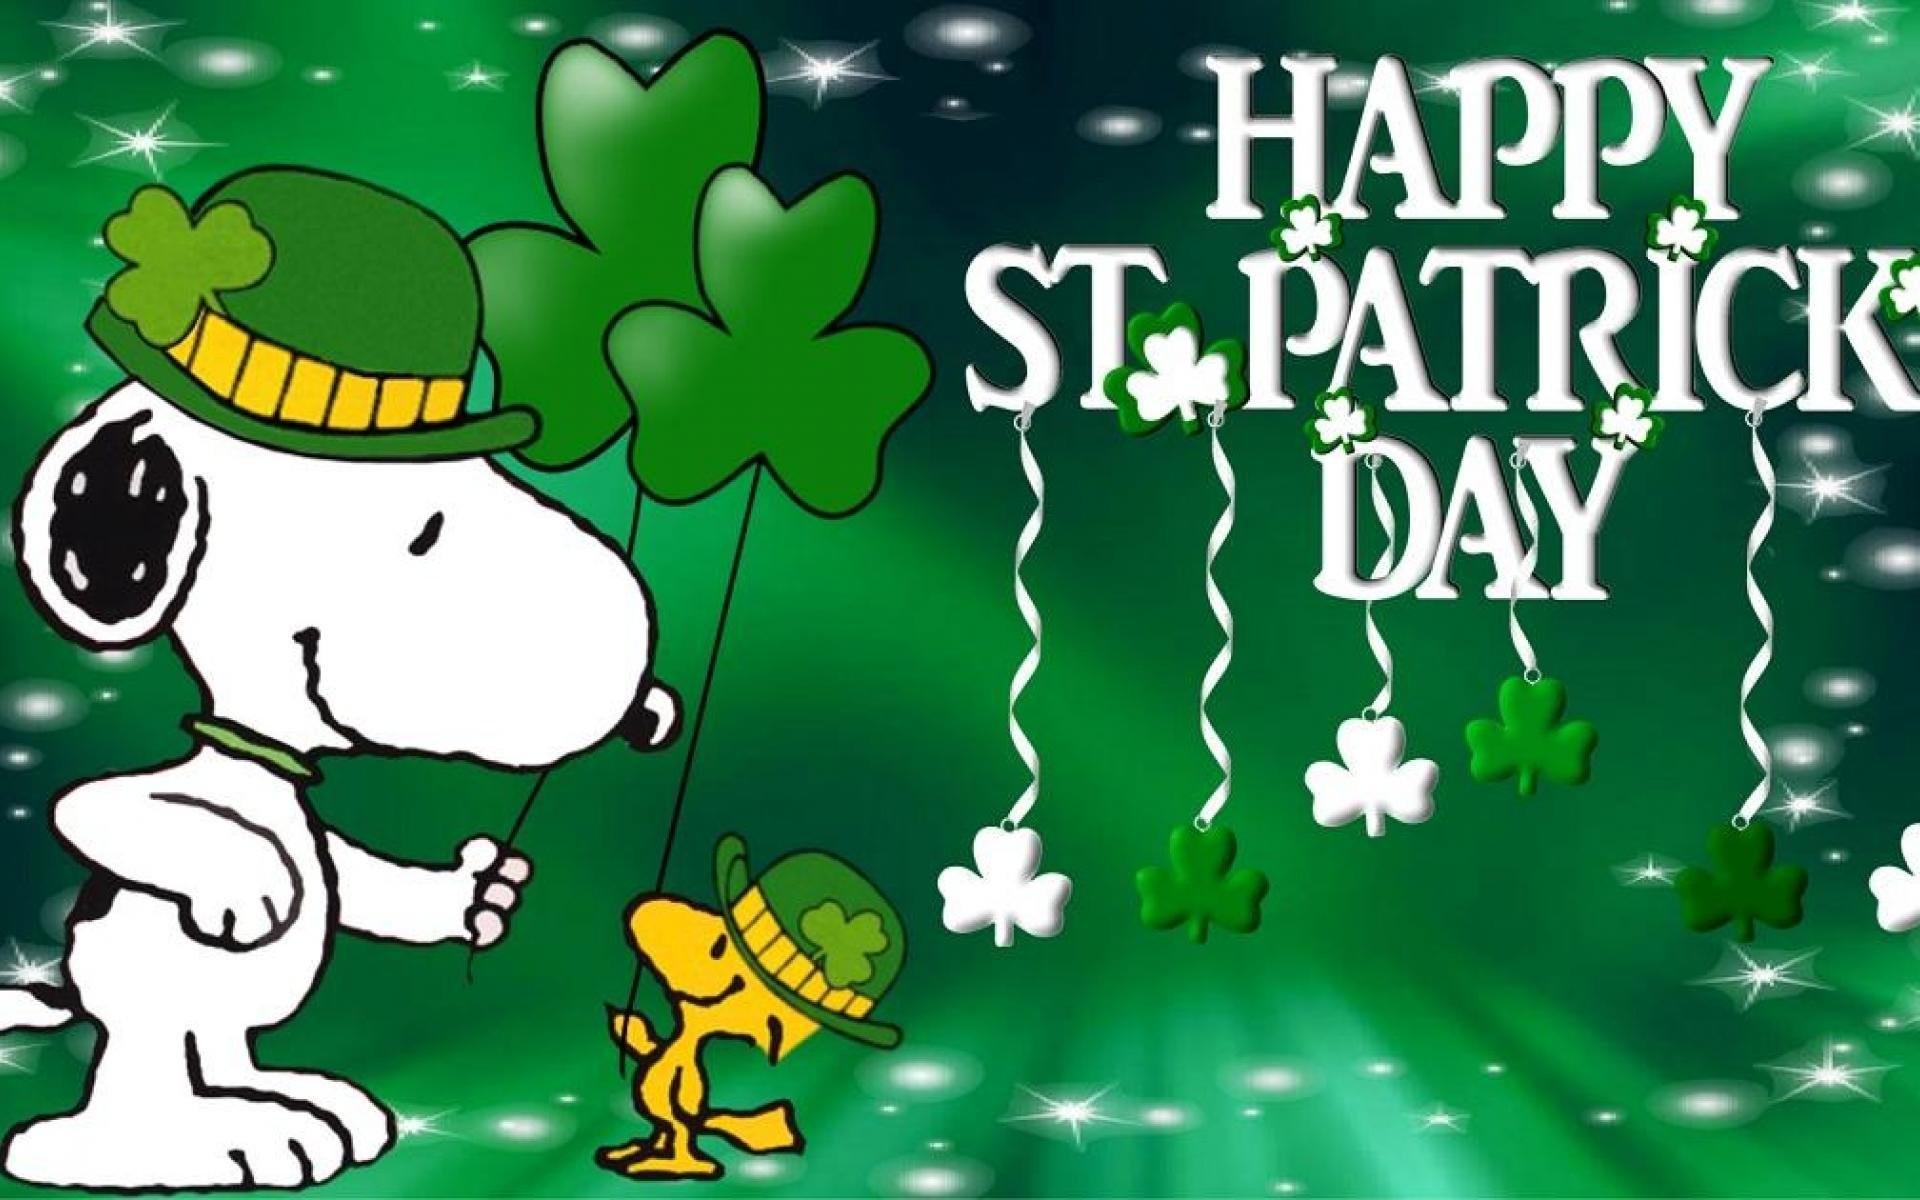 Snoopy St Patrick's Day